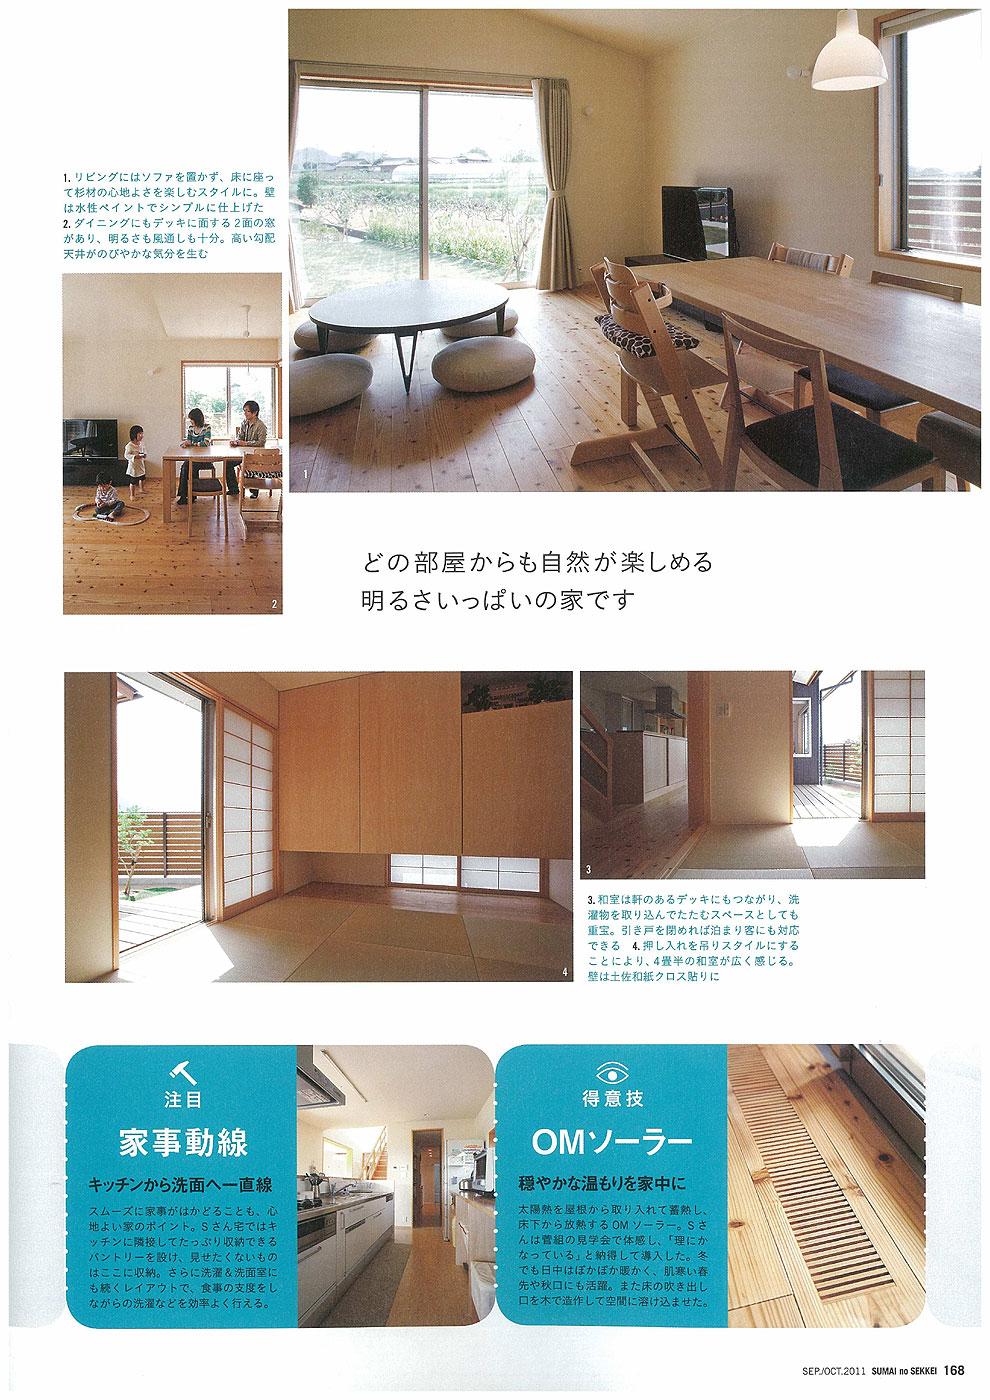 住まいの設計 SEP./OCT.2011_e0066586_772684.jpg